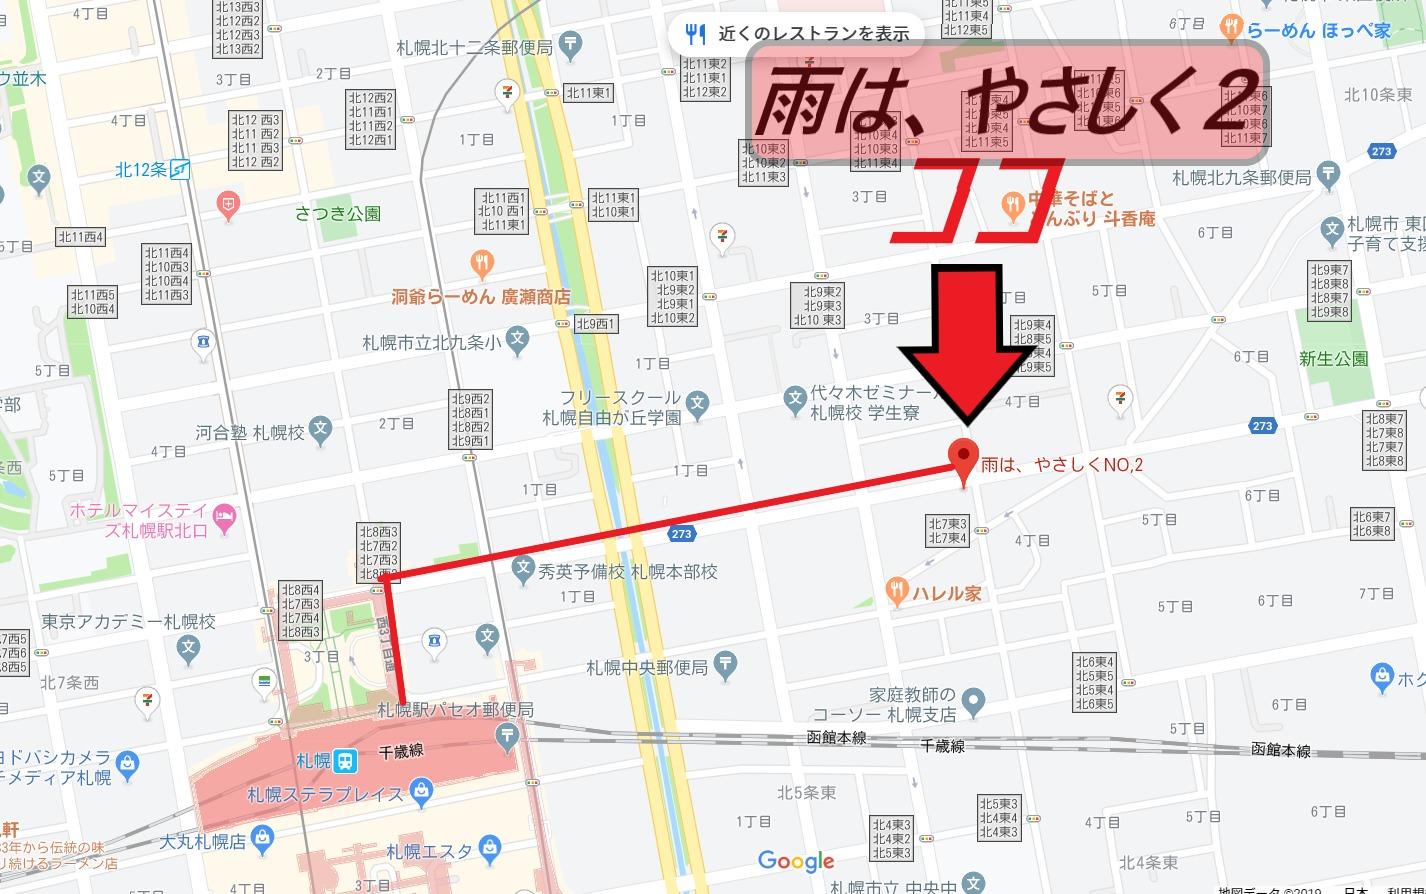 札幌駅から『雨はやさしく 2』までの行き方